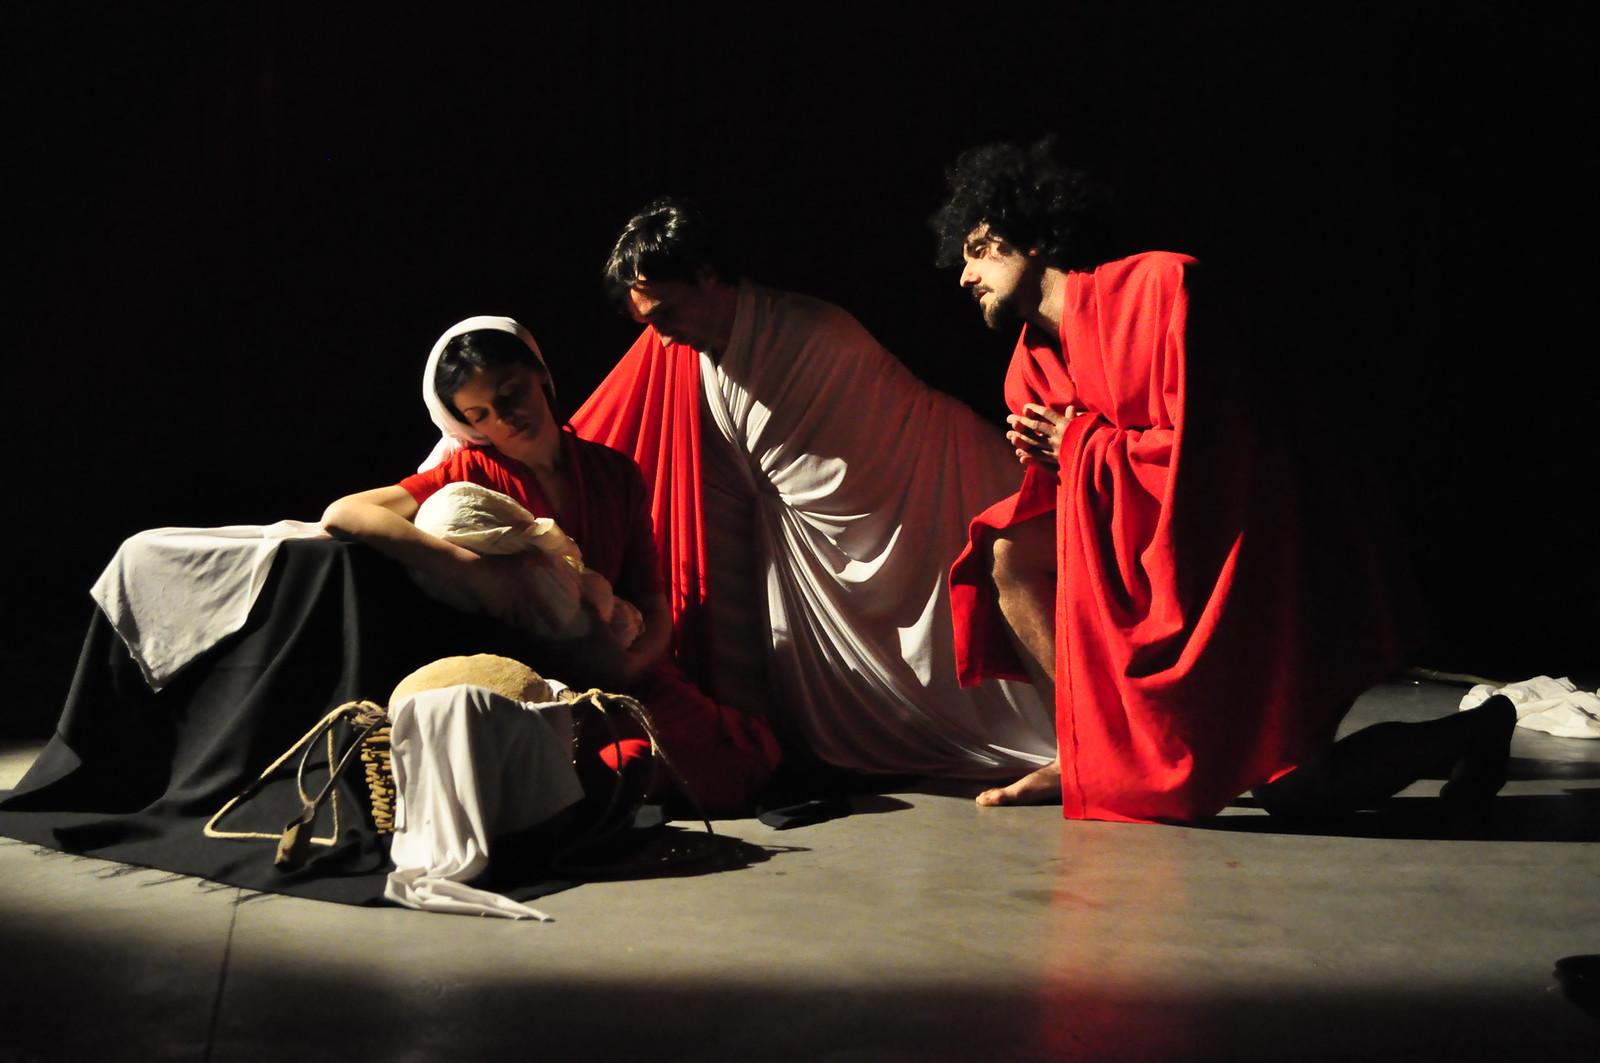 Tableau vivant Adorazione dei pastori Caravaggio